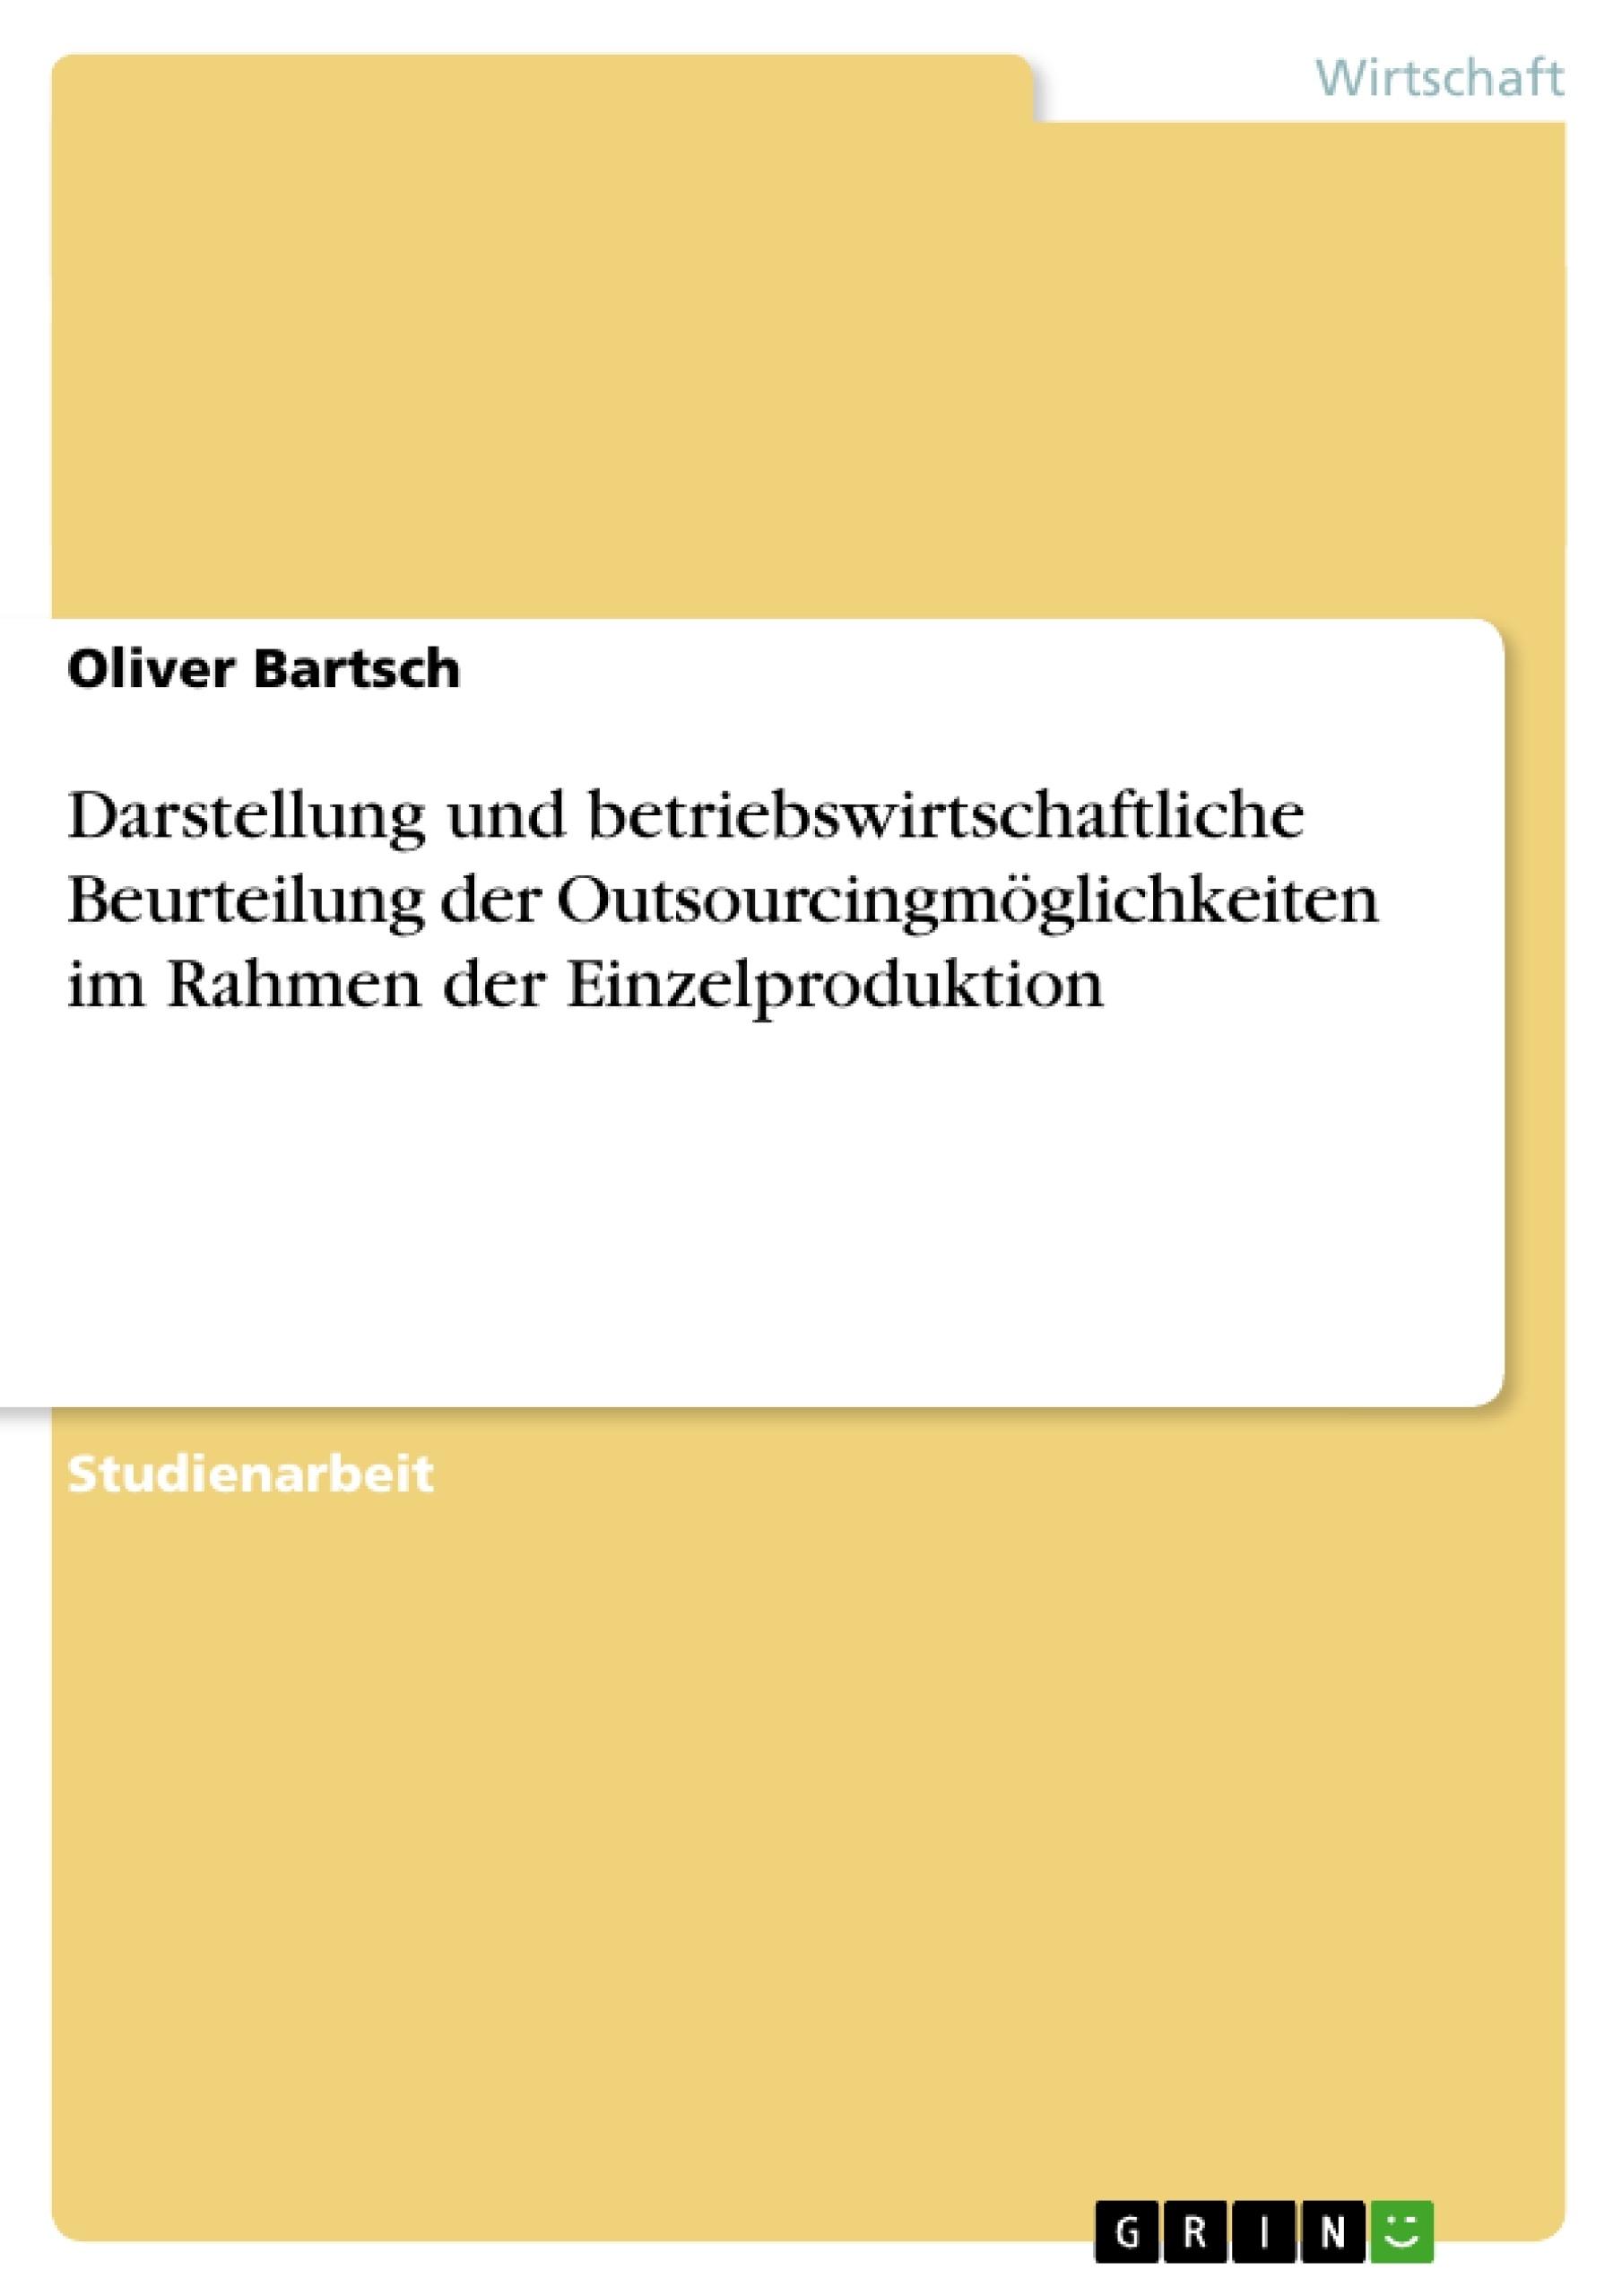 Titel: Darstellung und betriebswirtschaftliche Beurteilung der Outsourcingmöglichkeiten im Rahmen der Einzelproduktion